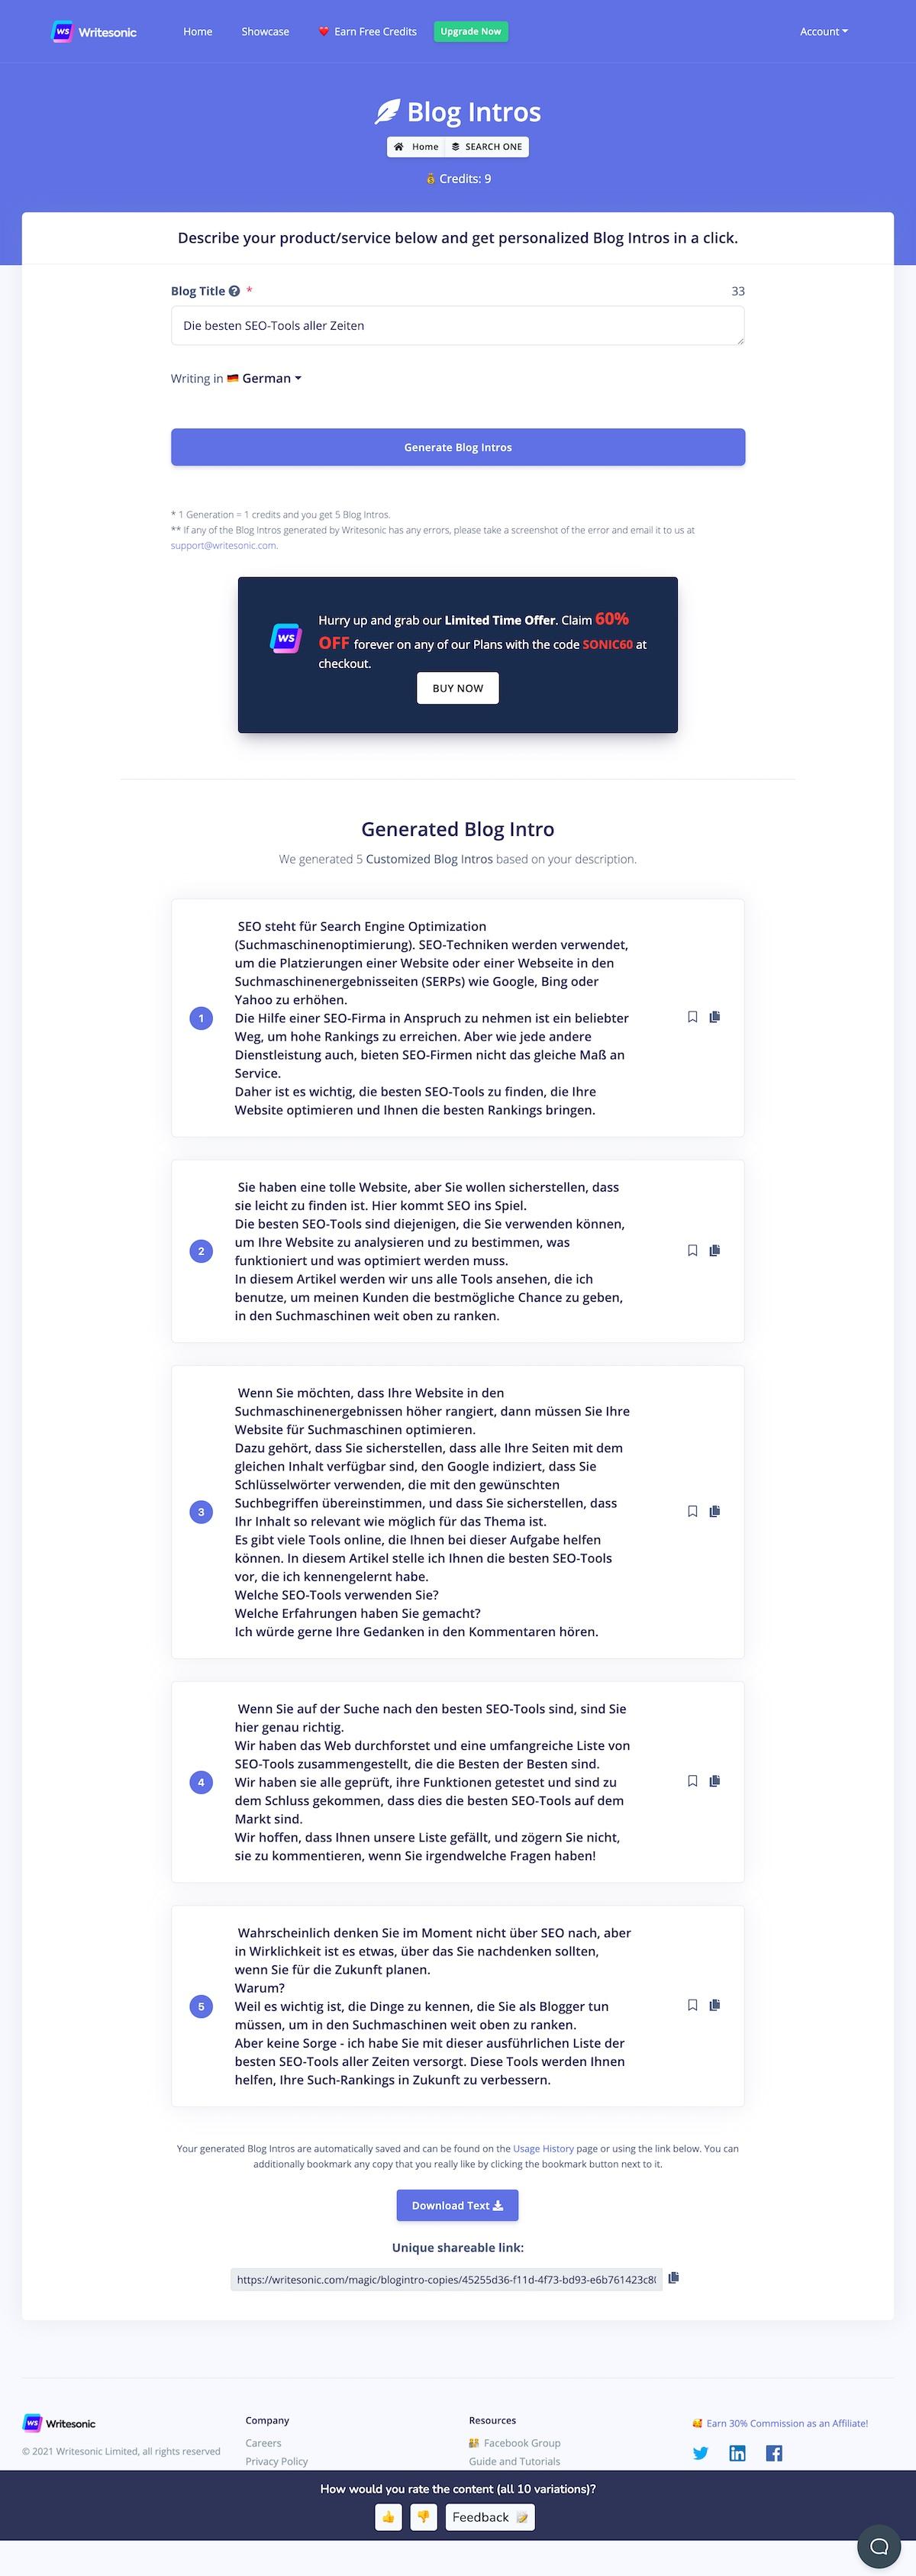 writesonic magic project Die besten GPT-3-Tools für automatisierte Text- und Snippet-Generierung mittels KI